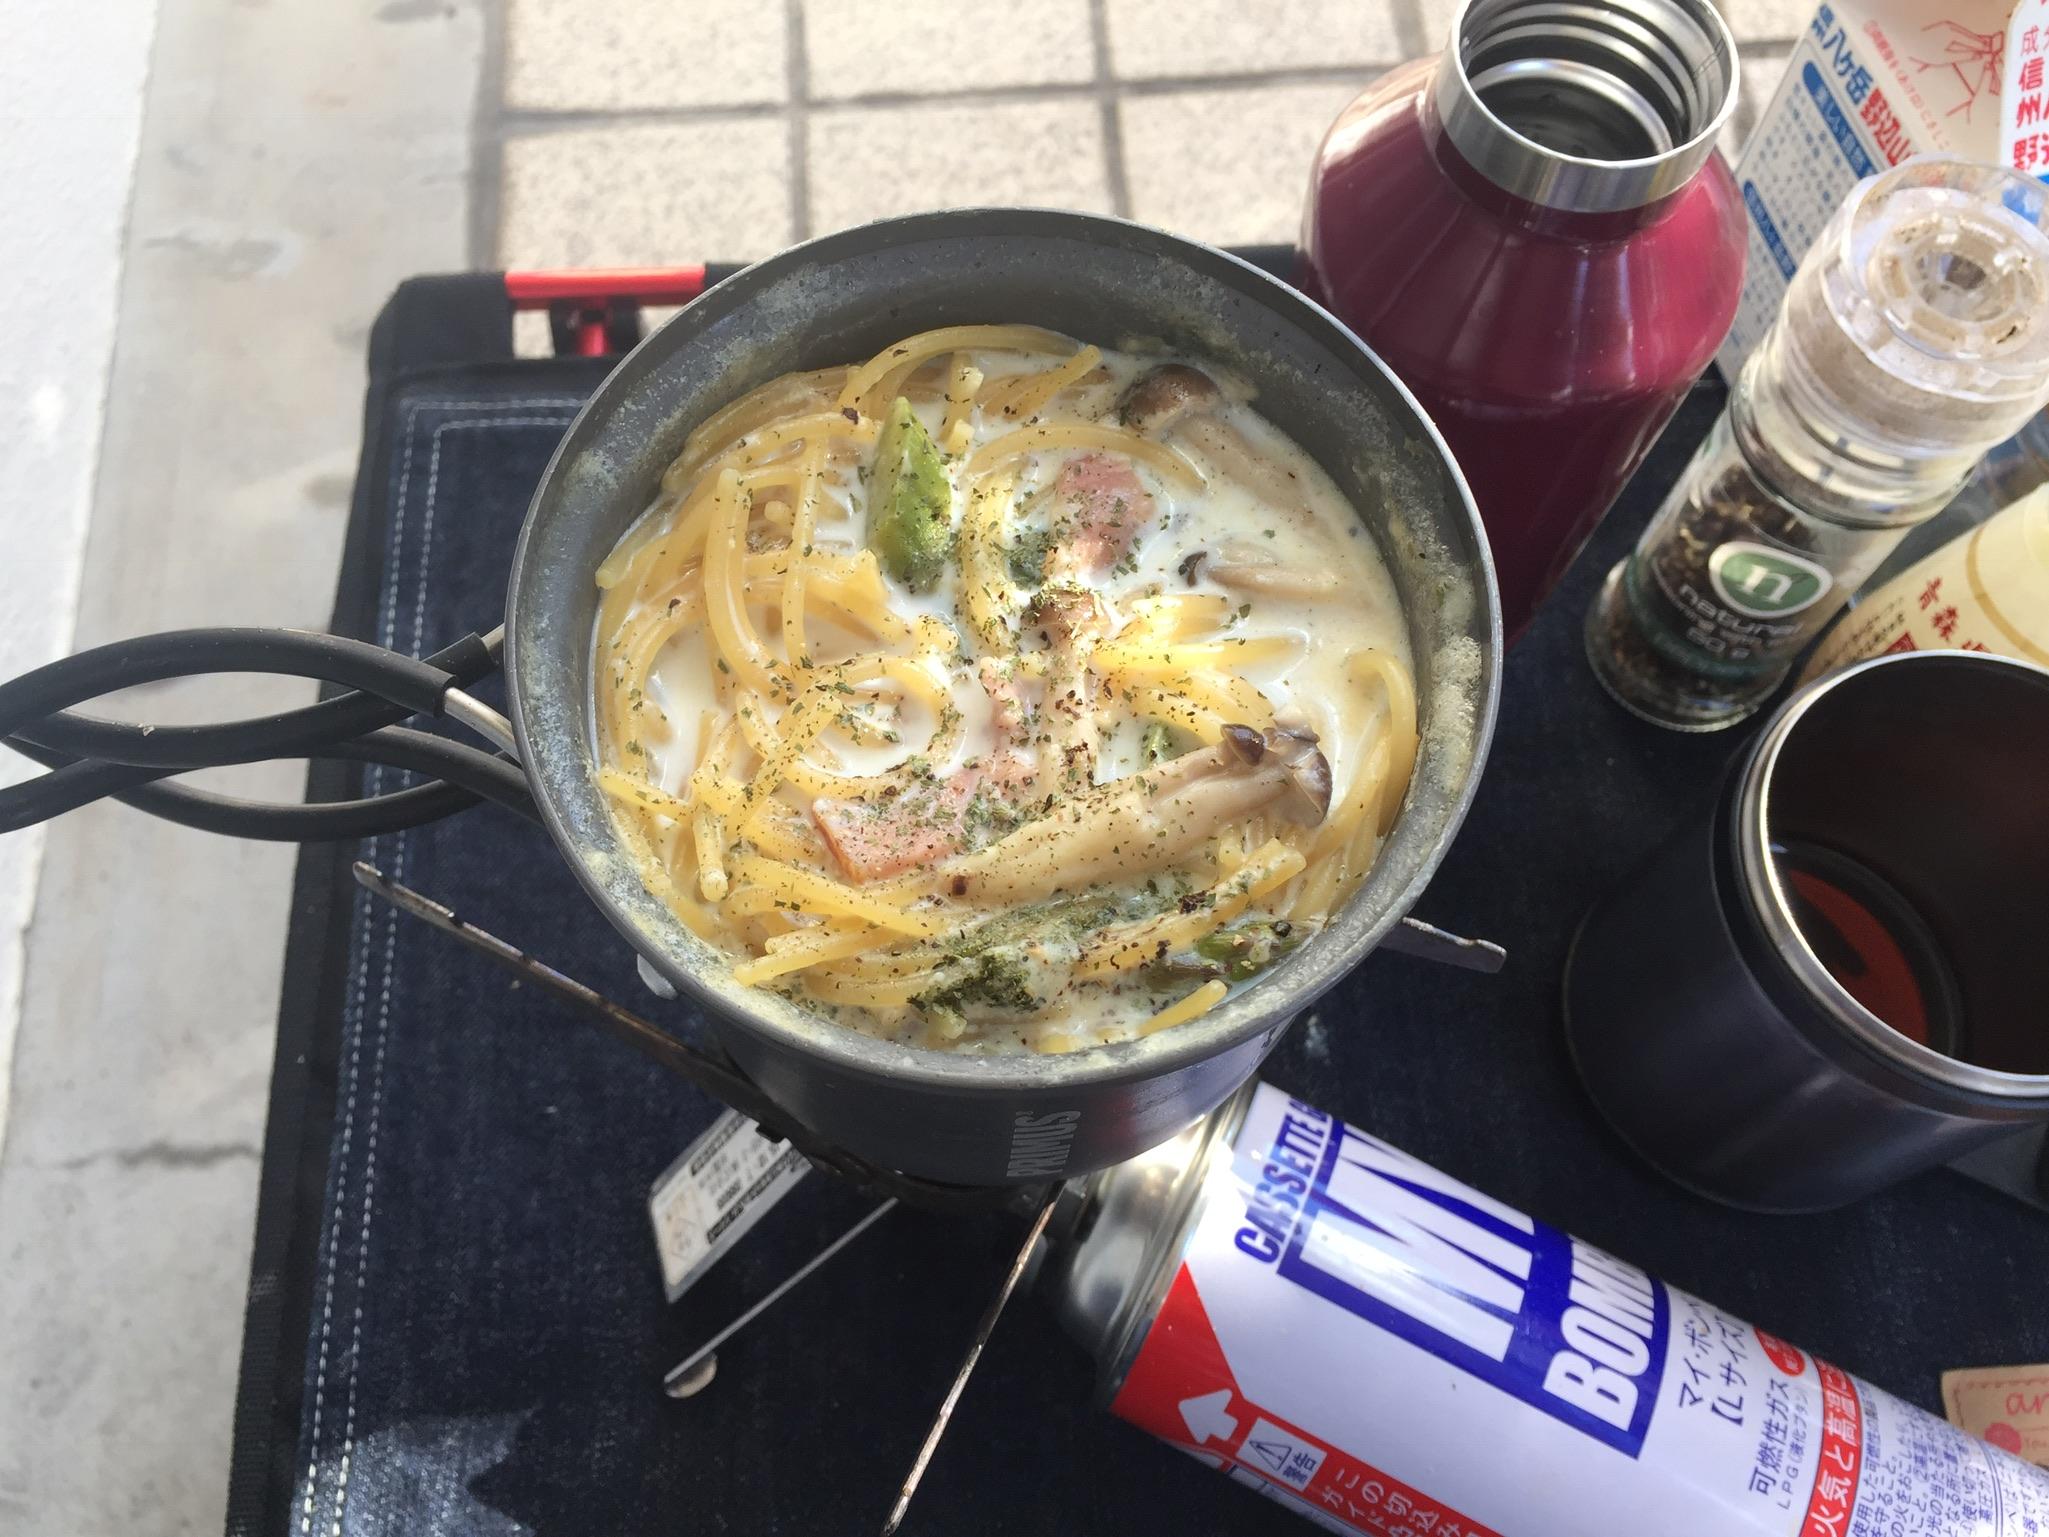 【再現レシピ】ゆるキャン△5話。コッヘル1つでできるスープパスタをキャンプ飯初めての人が作れるようにわかりやすくしたよ。